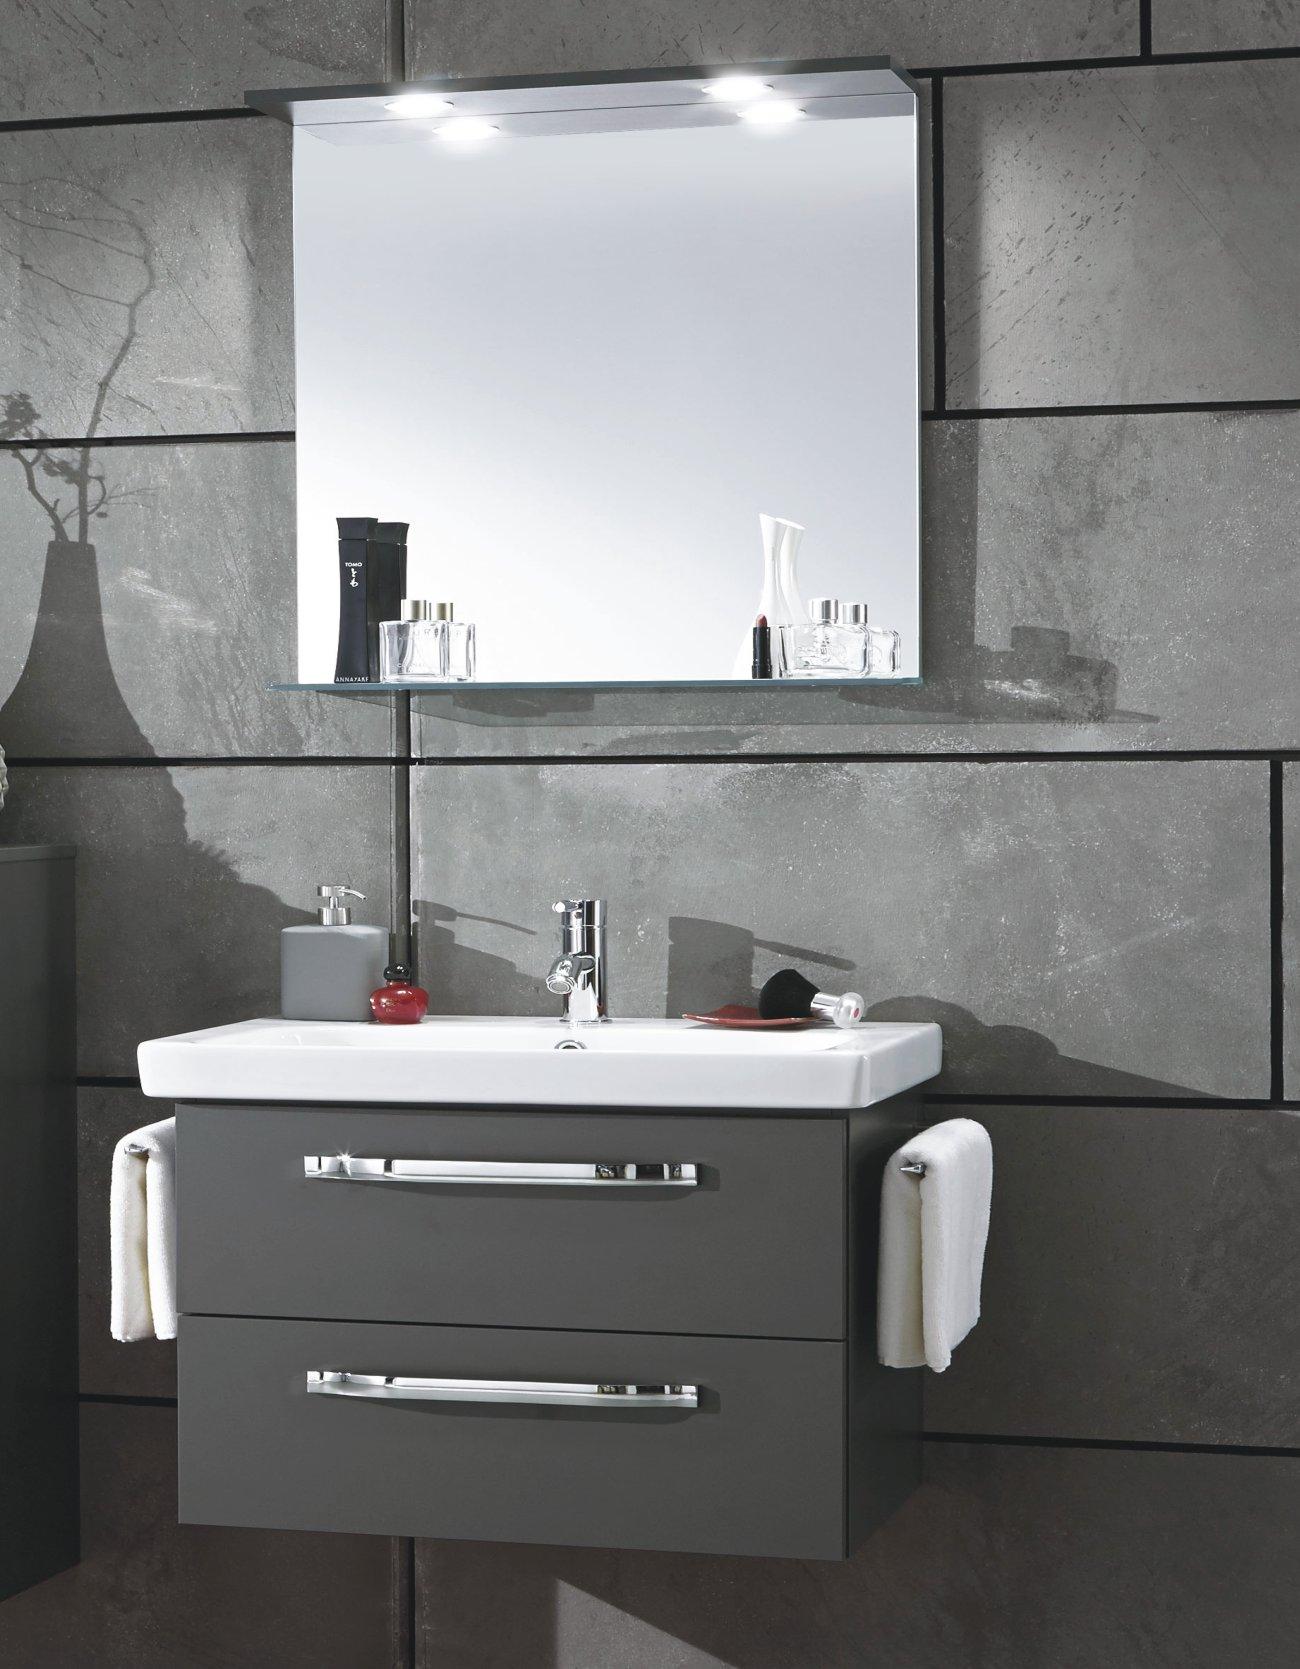 marlin bad 3060 badm bel set g nstig arcom center. Black Bedroom Furniture Sets. Home Design Ideas